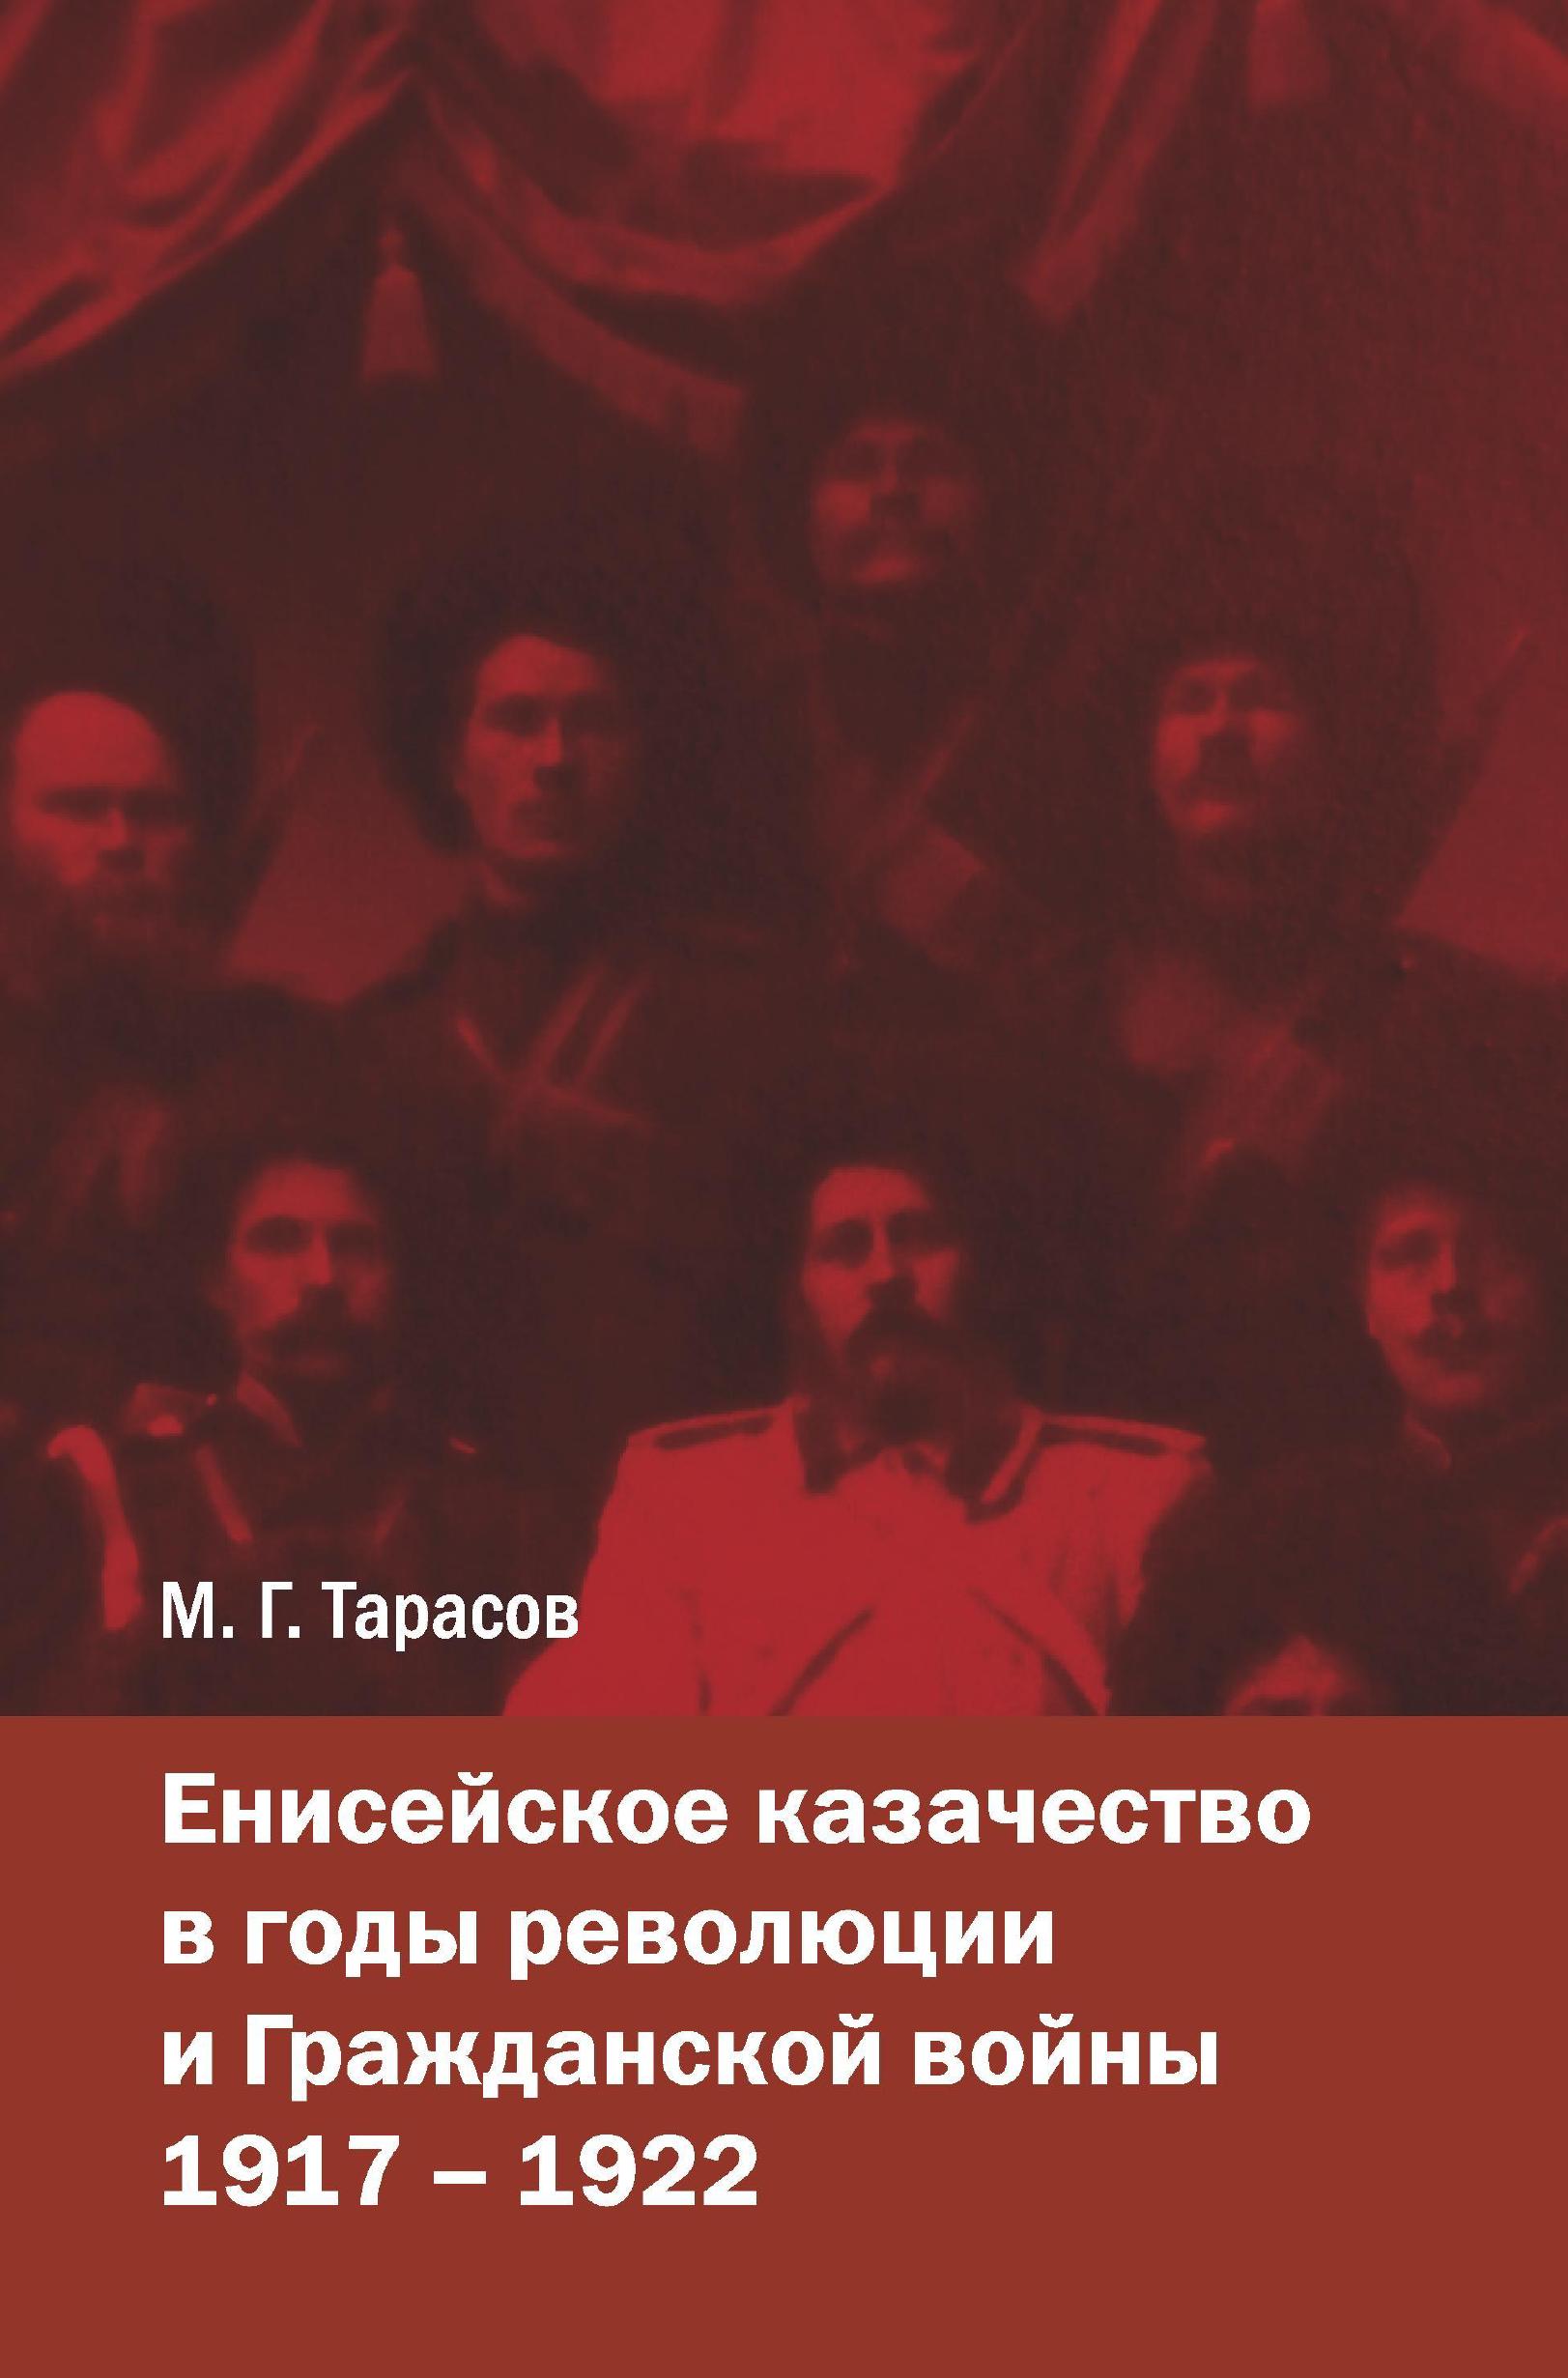 М. Г. Тарасов Енисейское казачество в годы революции и Гражданской войны. 1917—1922 жуков ю первое поражение сталина 1917 1922 годы